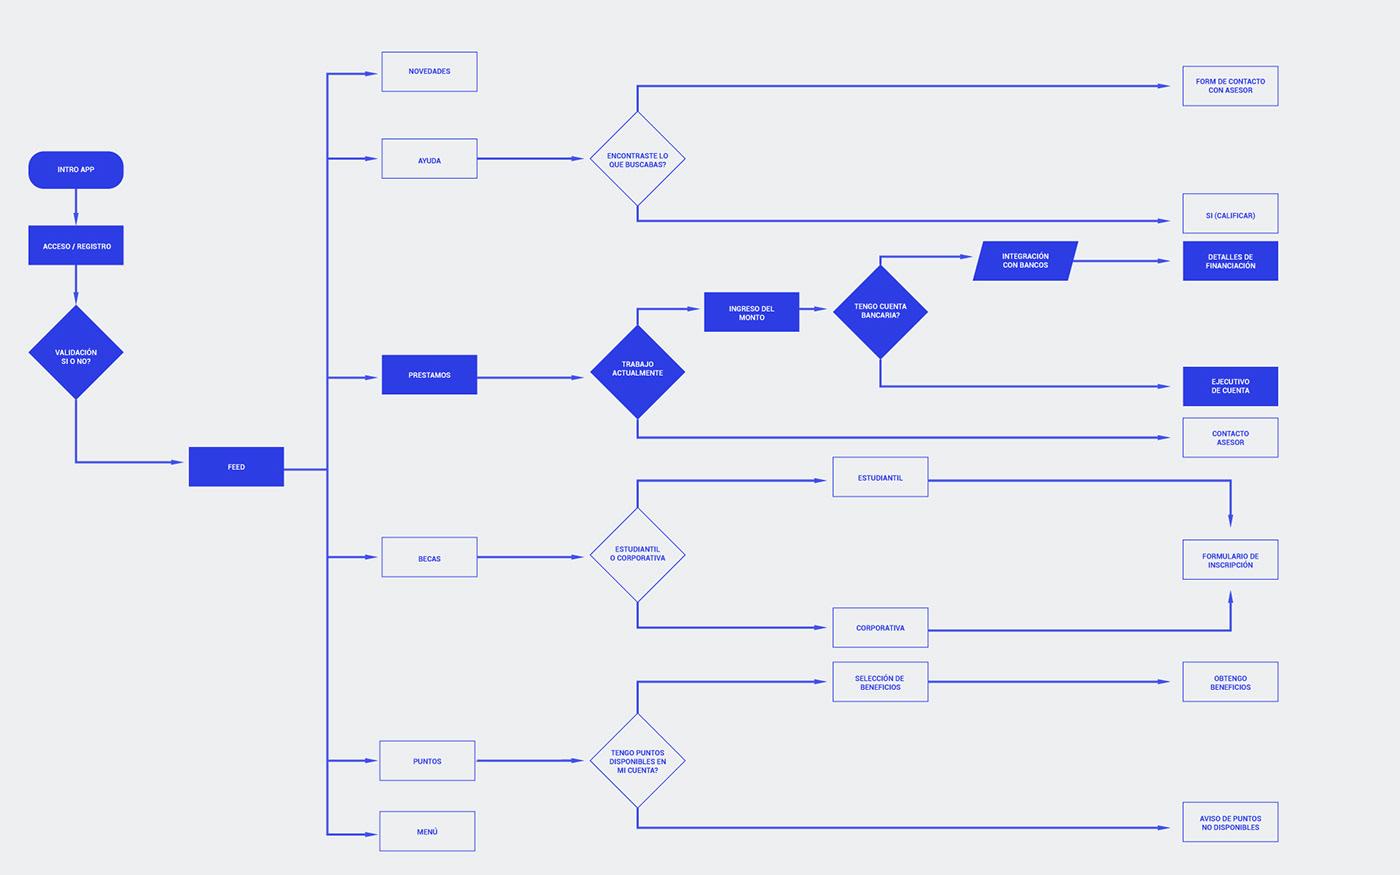 aplicación préstamos Interface ux/ui Experiencia de usario android app diseño wireframe sketching